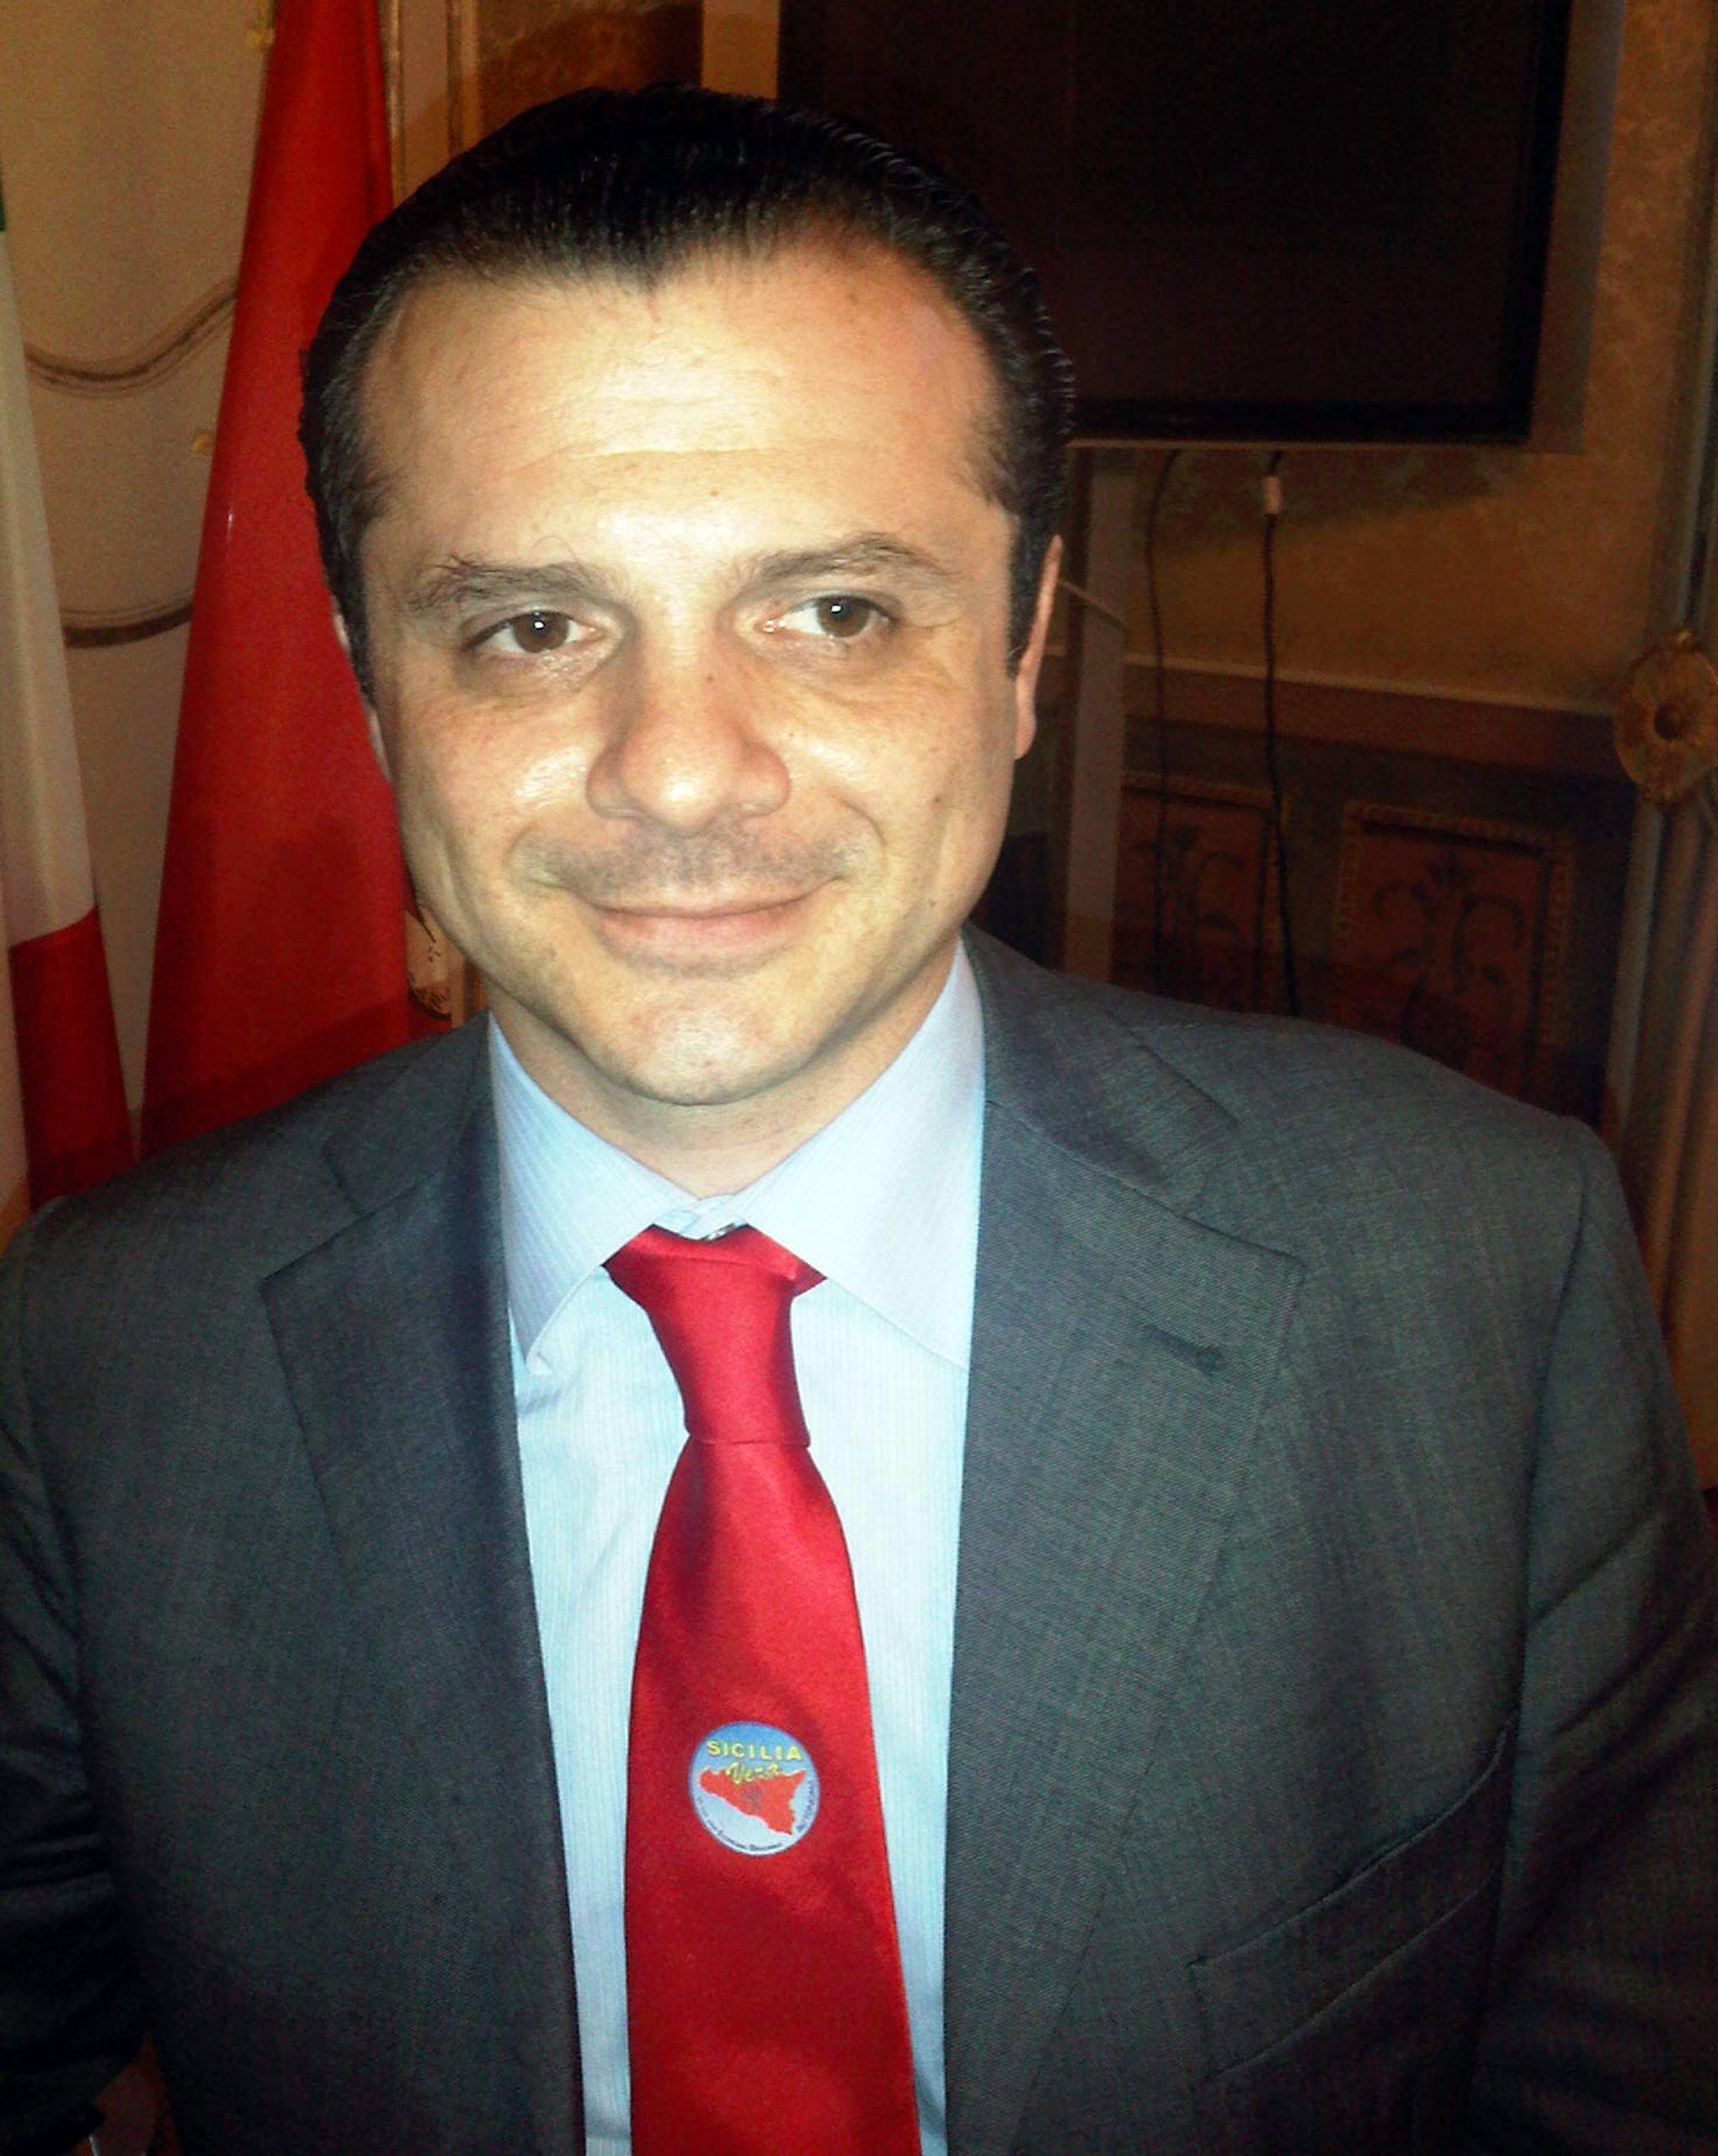 Evasione fiscale,arrestato neodeputato Sicilia De Luca